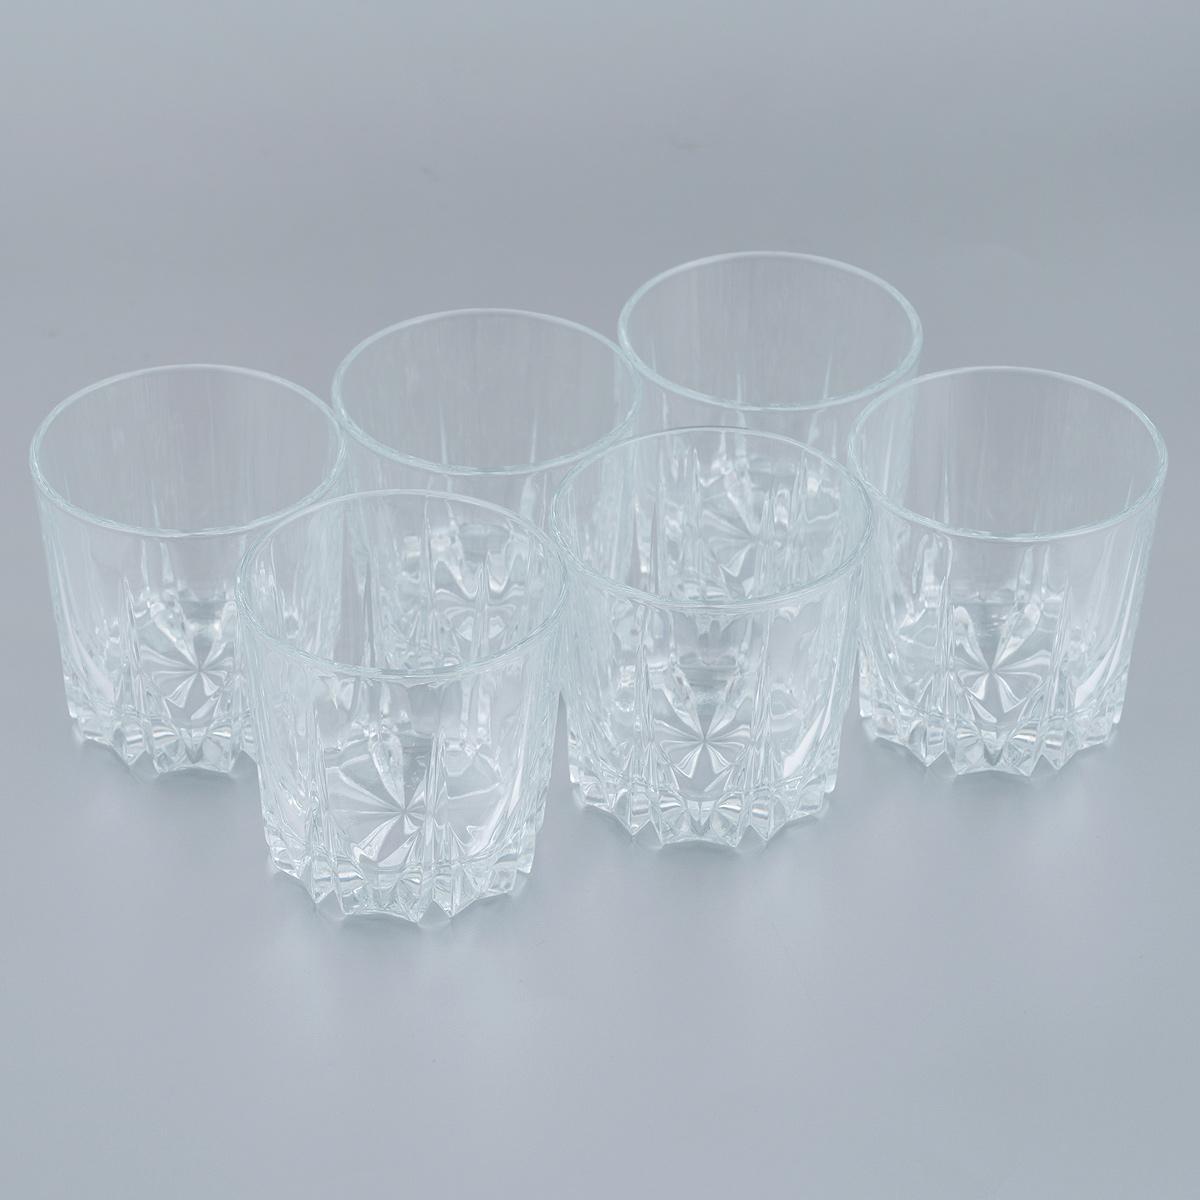 Набор стаканов для сока Pasabahce Карат, 200 мл, 6 шт набор подсвечников pasabahce алания высота 5 5 см 6 шт